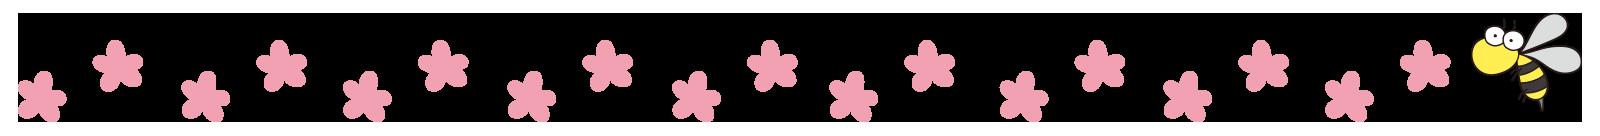 ピンクの花と蜂のライン